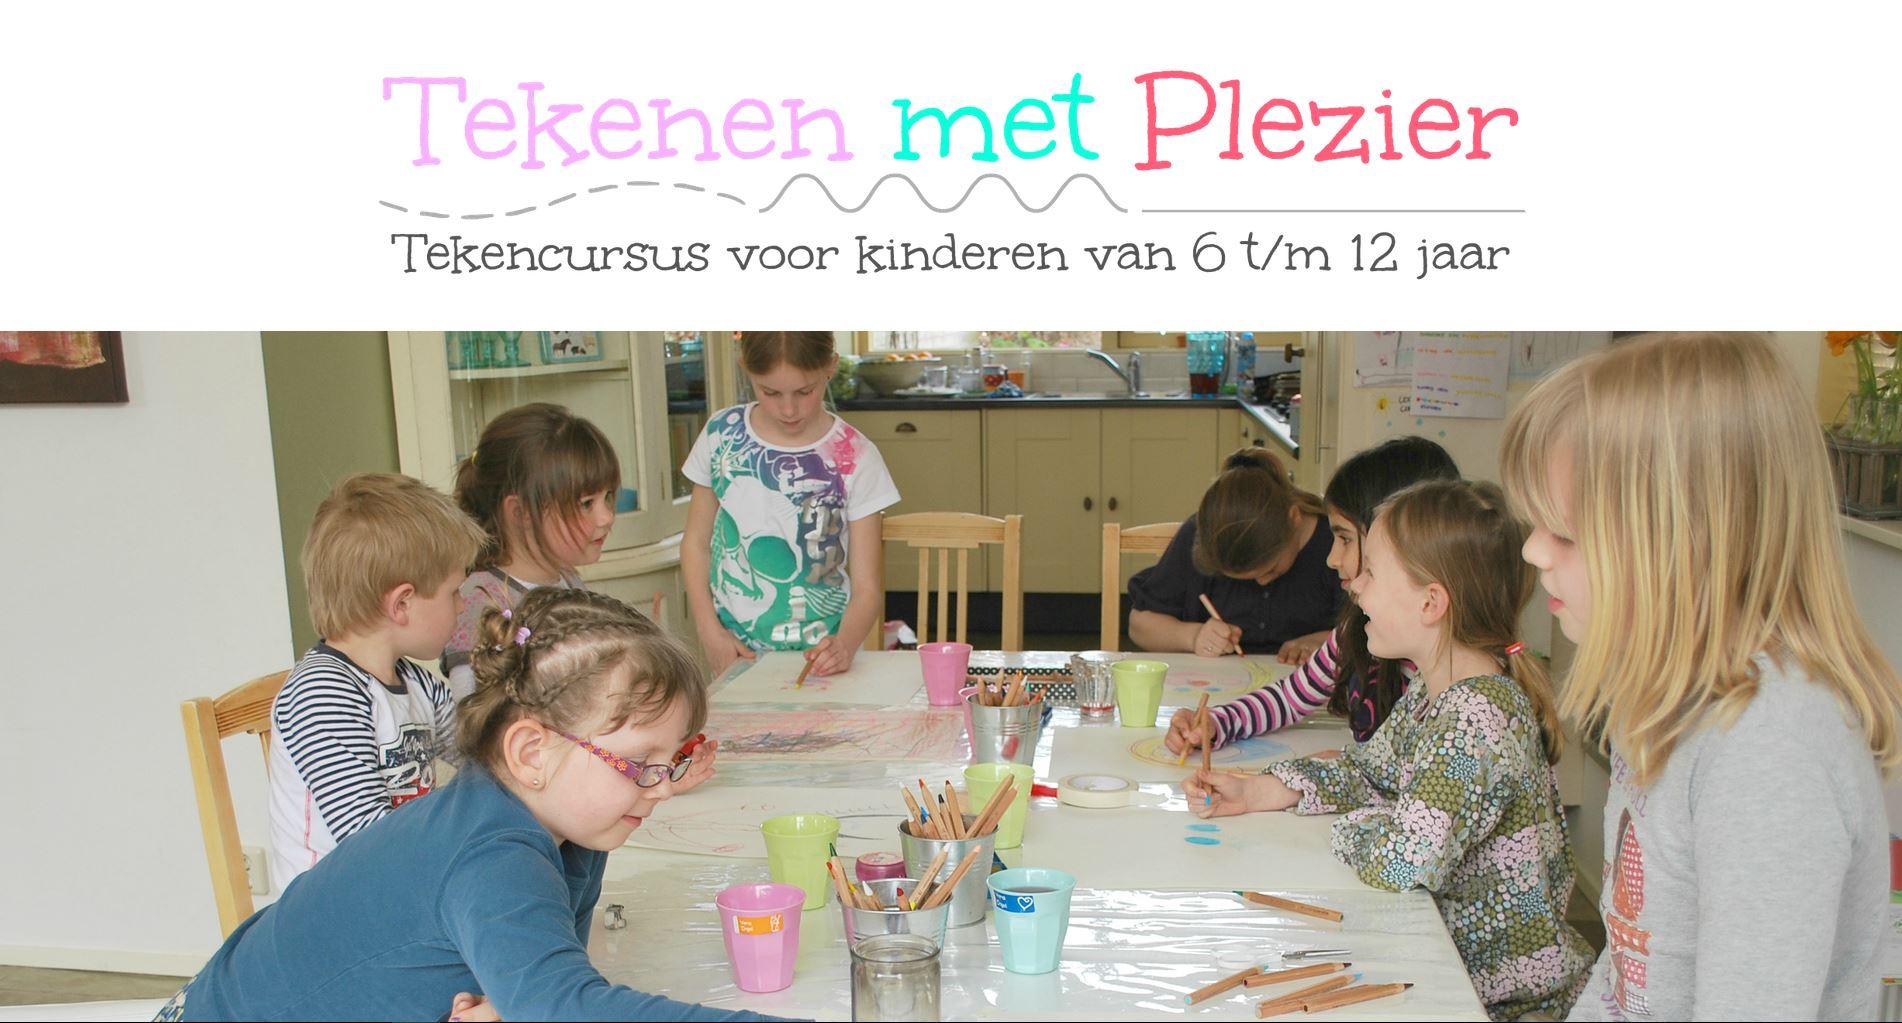 www.tekenenmetplezier.nl